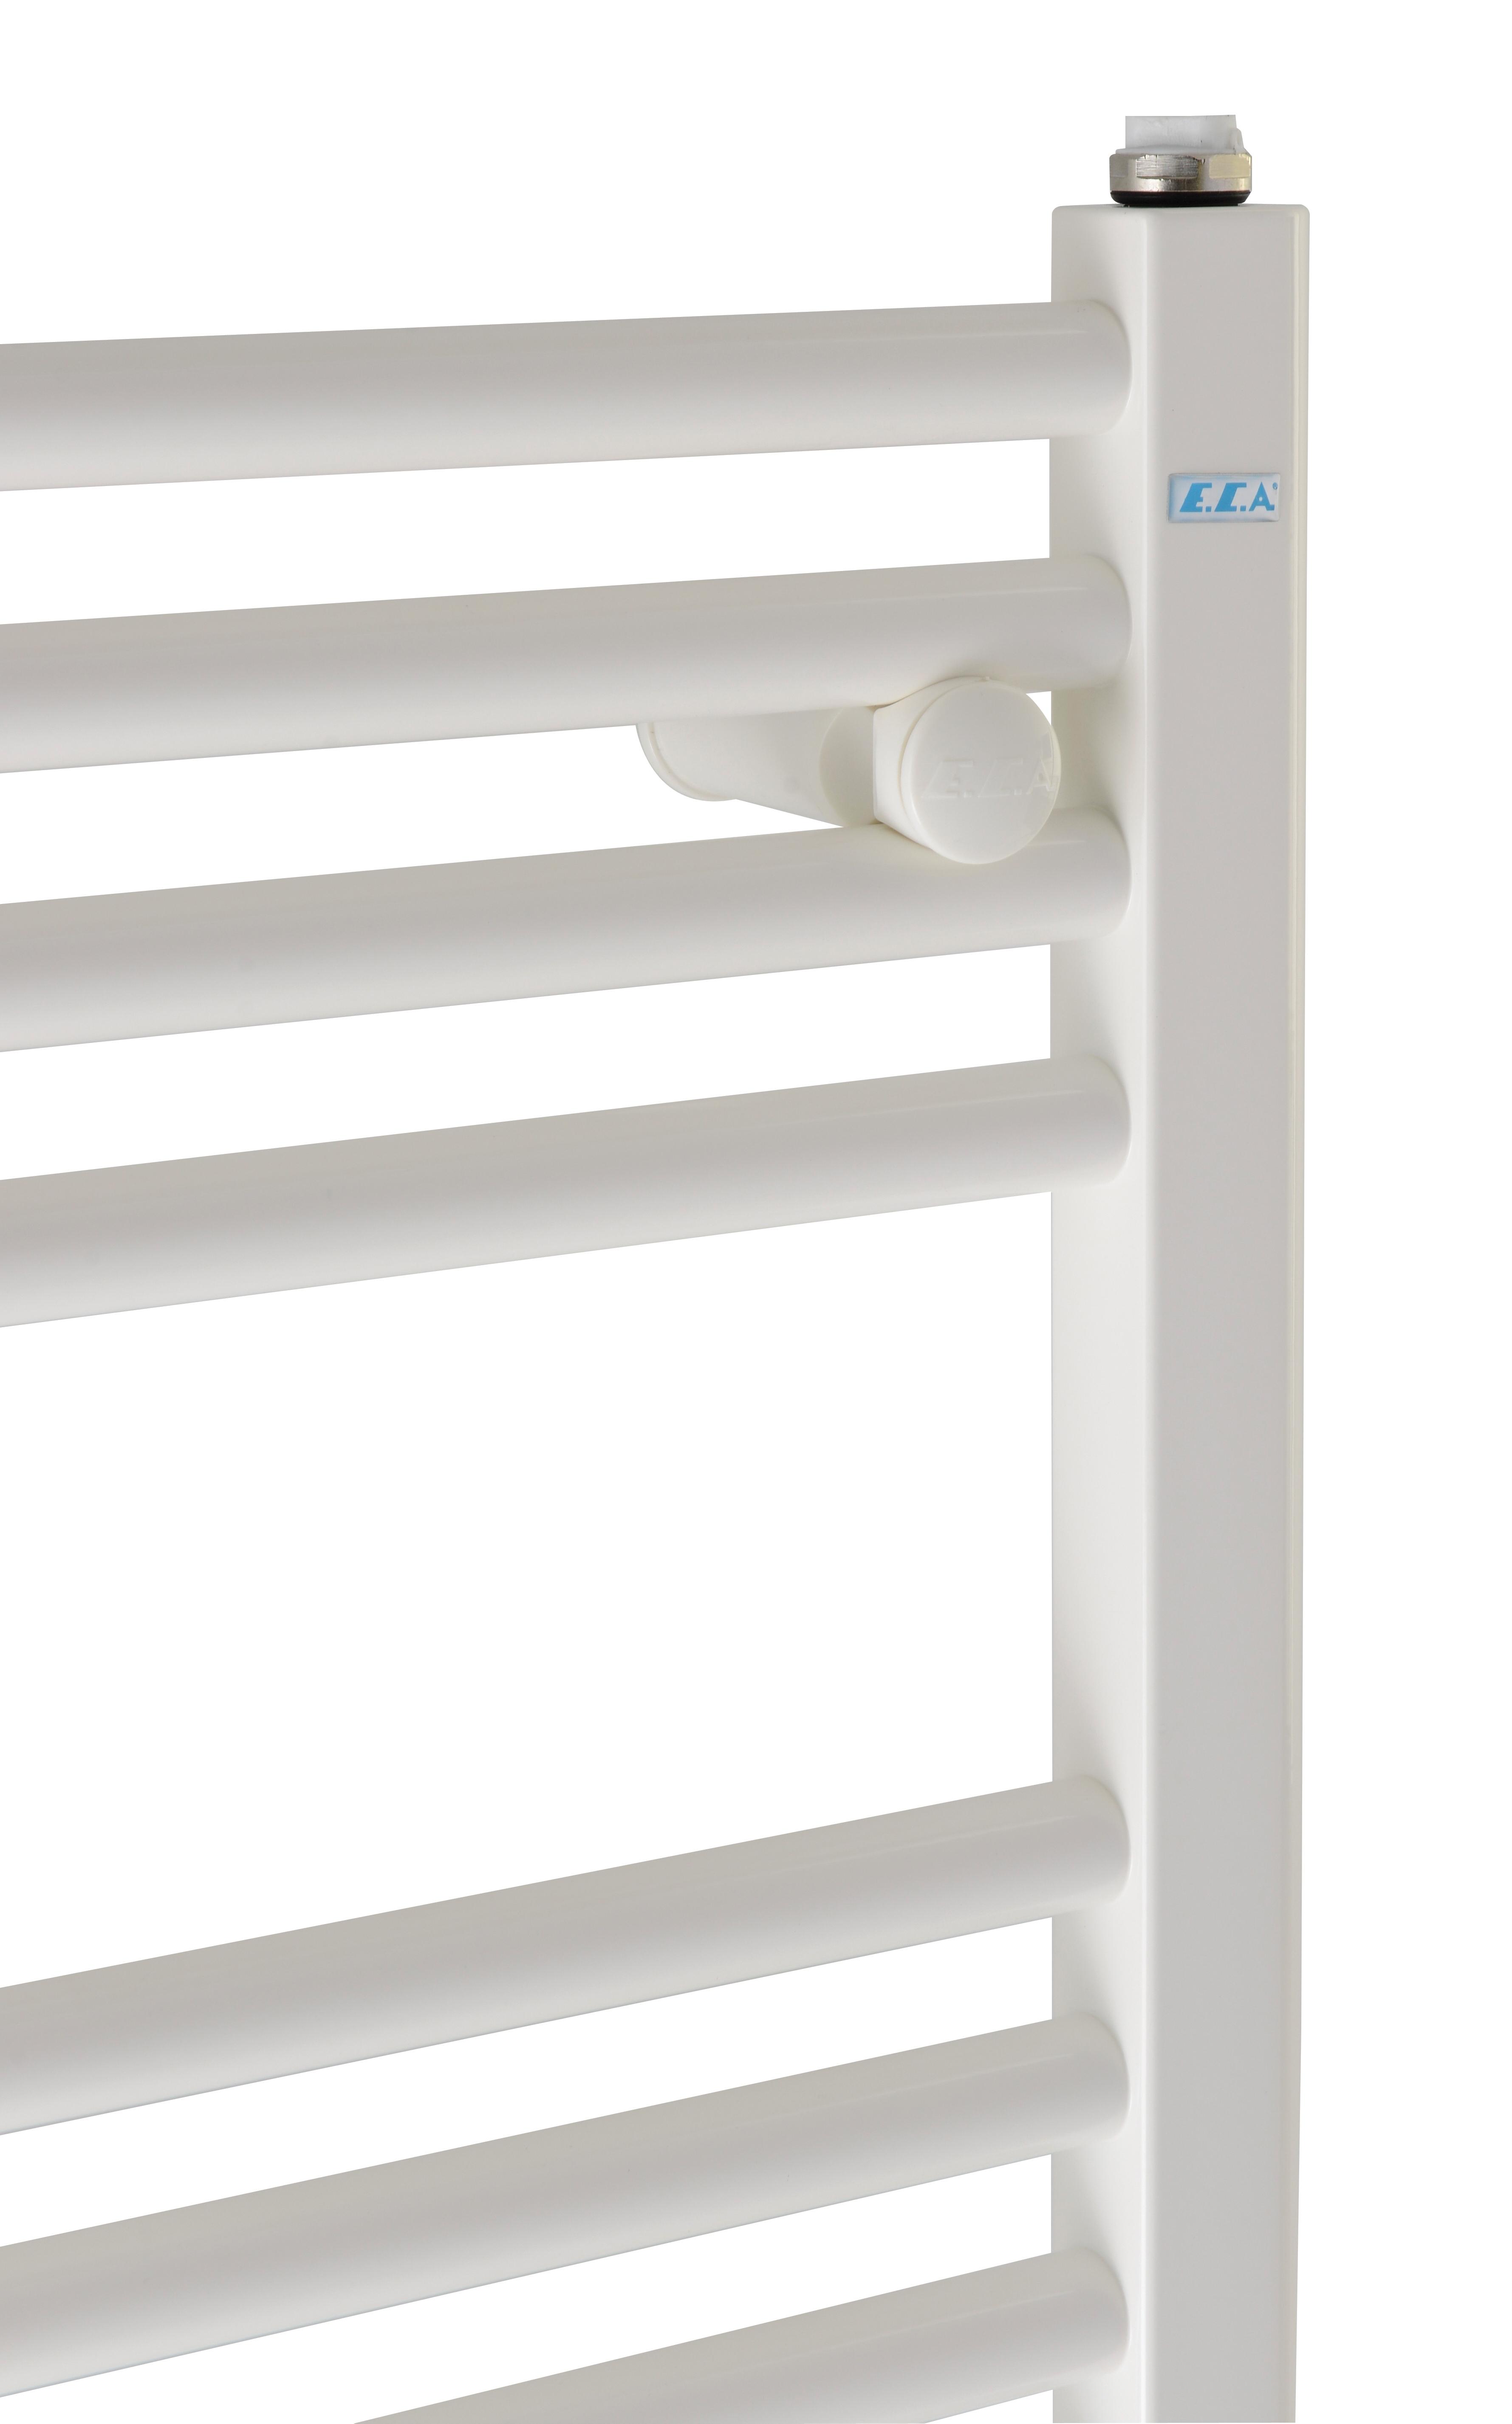 Beyaz Boyalı Havlupan - 889